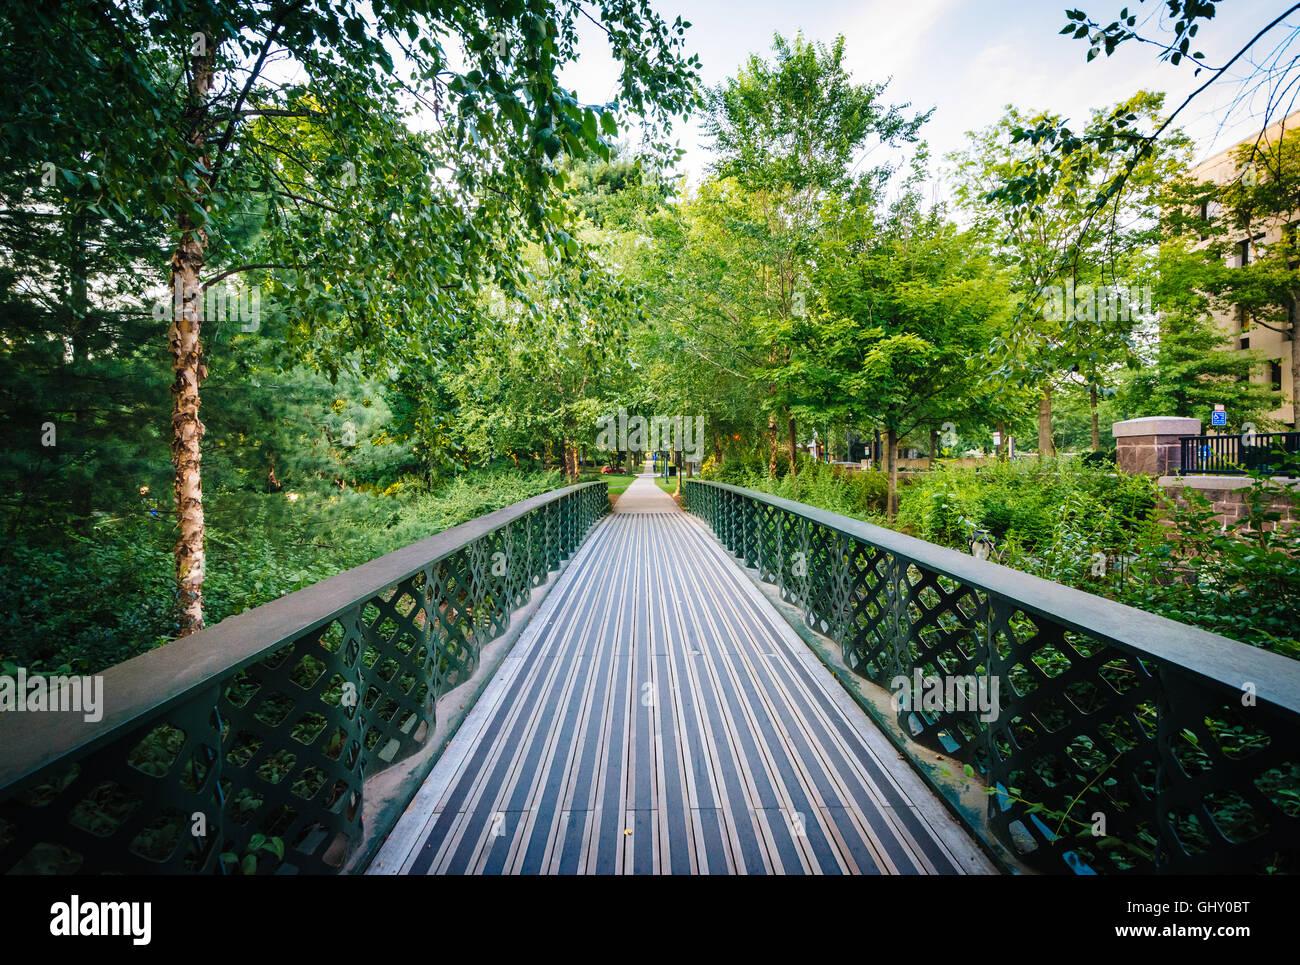 Puente peatonal en la Universidad de Yale, en New Haven, Connecticut. Foto de stock